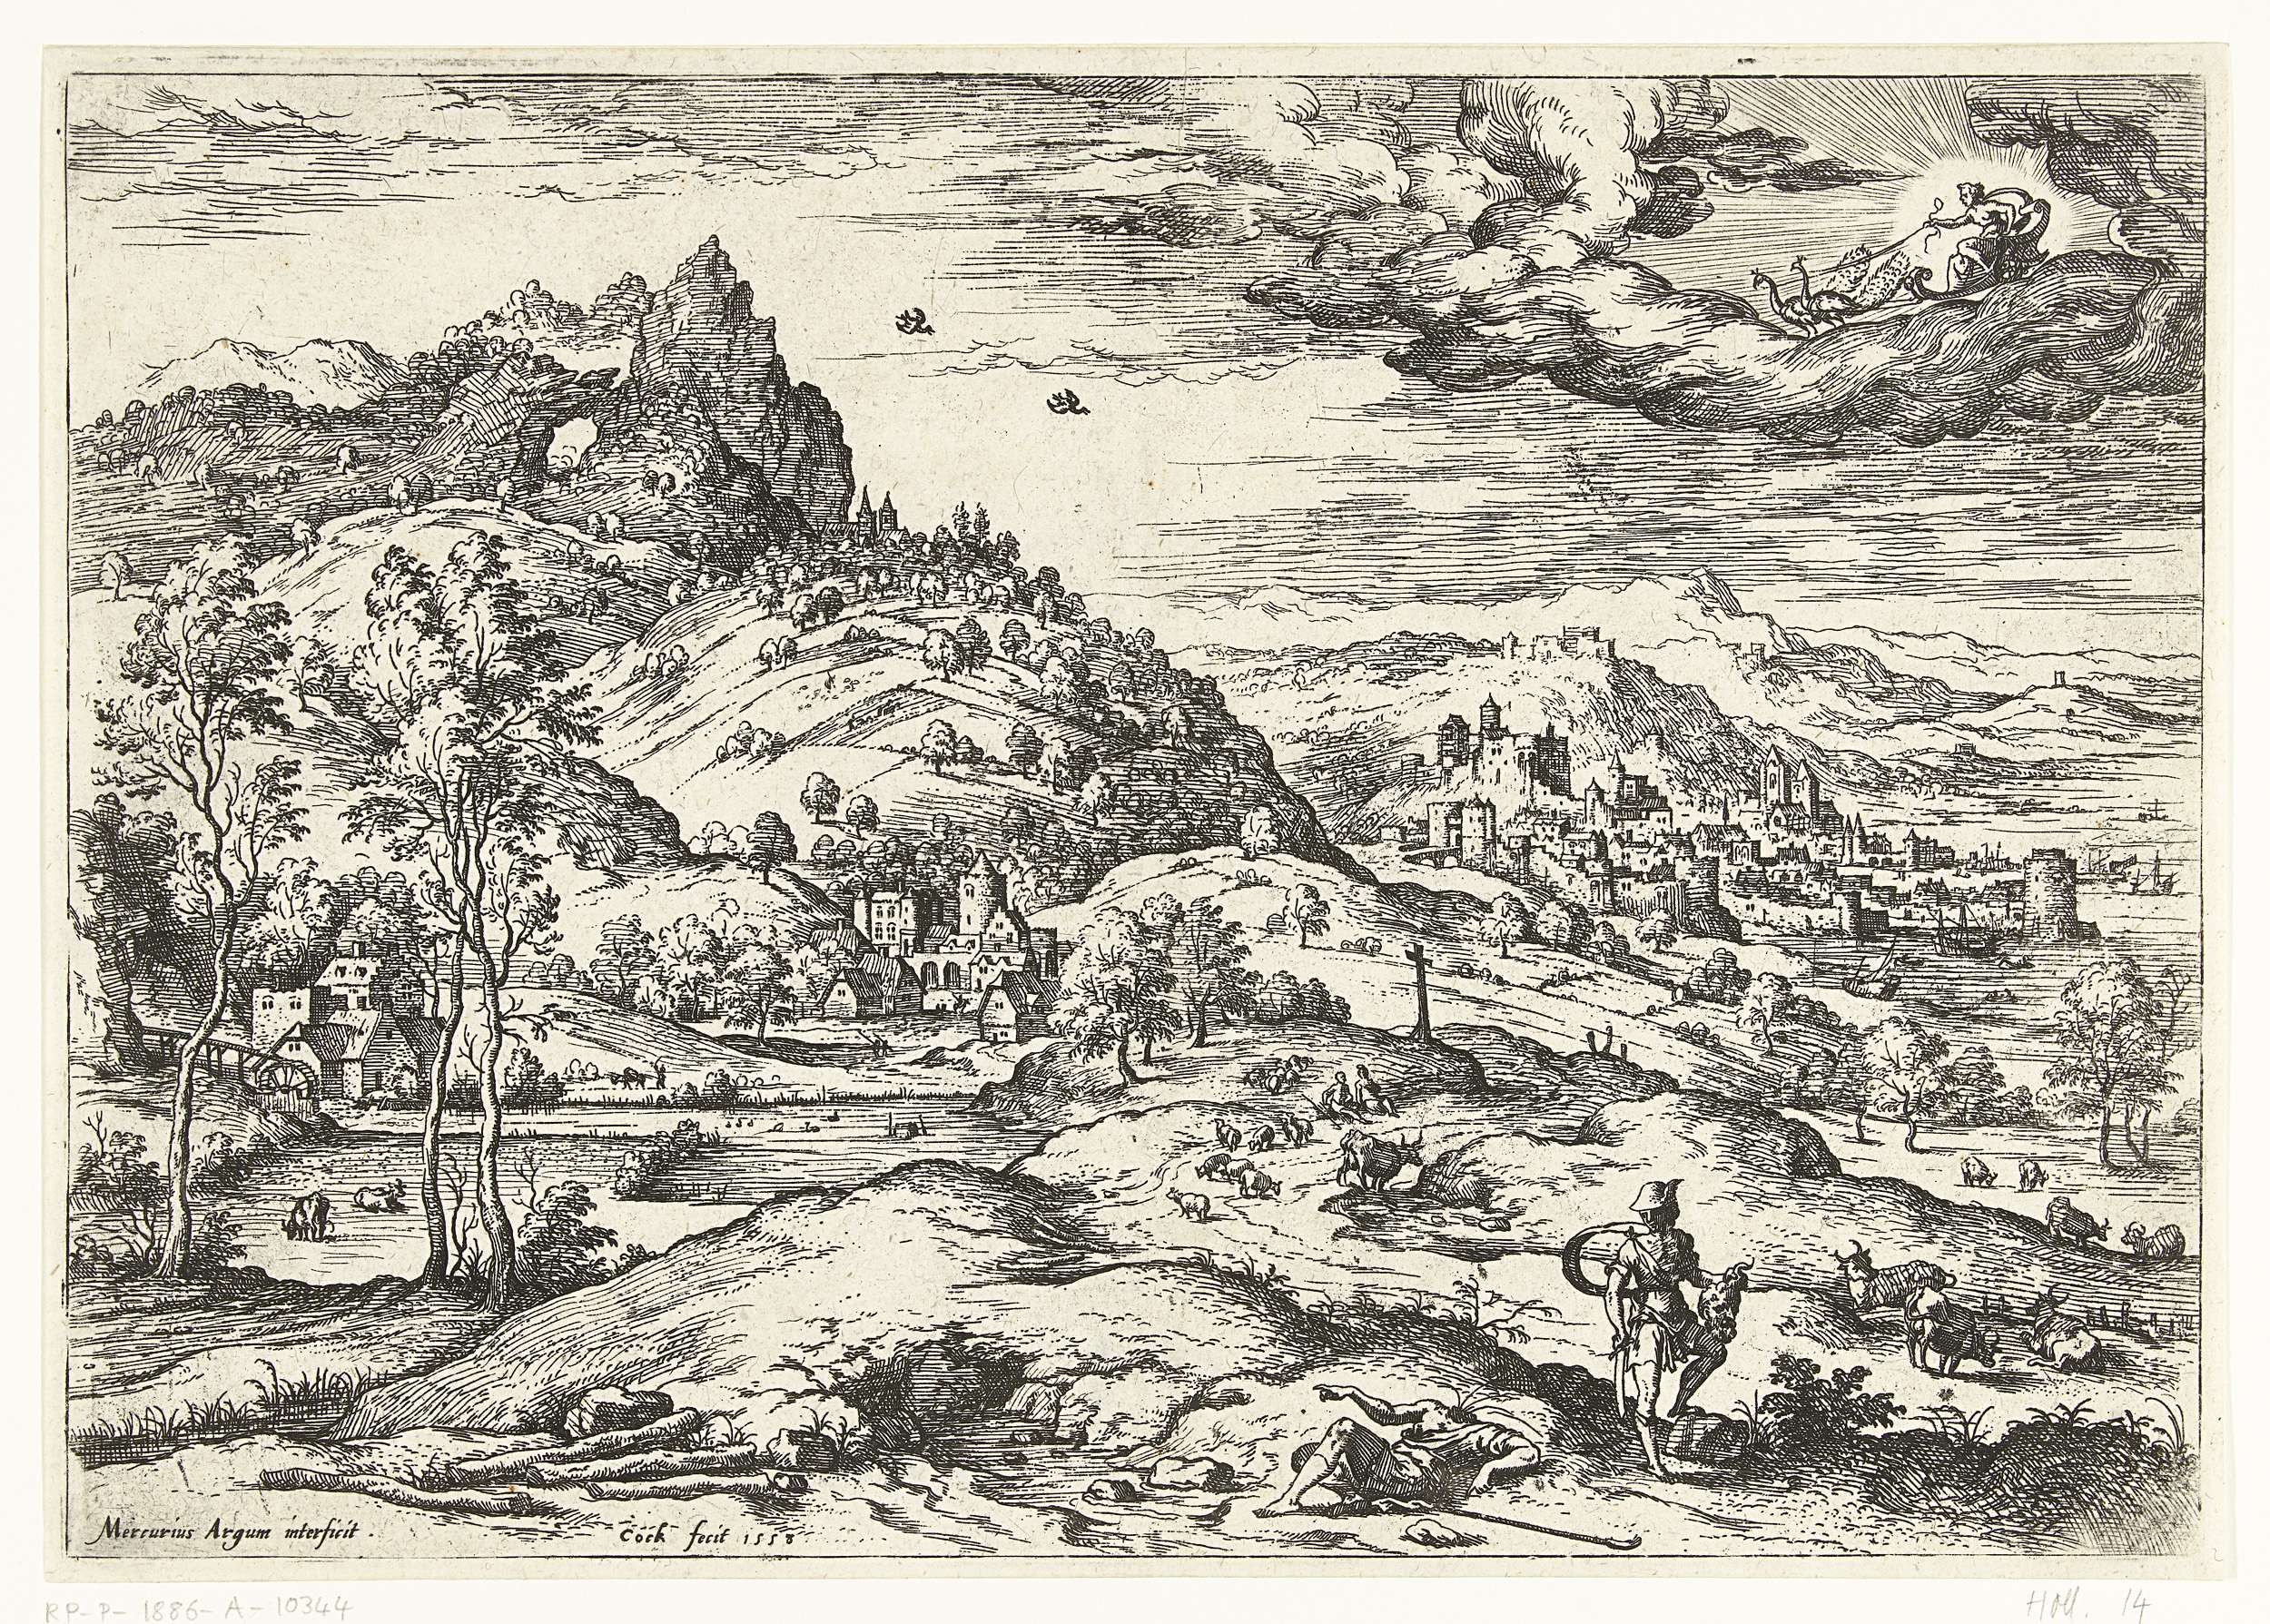 Hieronymus Cock | Mercurius met het hoofd van Argus, Hieronymus Cock, Matthys Cock, c. 1551 - before 1558 | Heuvelachtig landschap met een havenstadje in de verte. Rechts voor Mercurius die de reus Argus het hoofd afgehakt heeft. Mercurius houdt het hoofd in zijn hand. In de wolken rijdt Juno in haar koets die getrokken wordt door twee pauwen. Prent uit een serie van 13 landschappen met bijbelse en mythologische scènes.